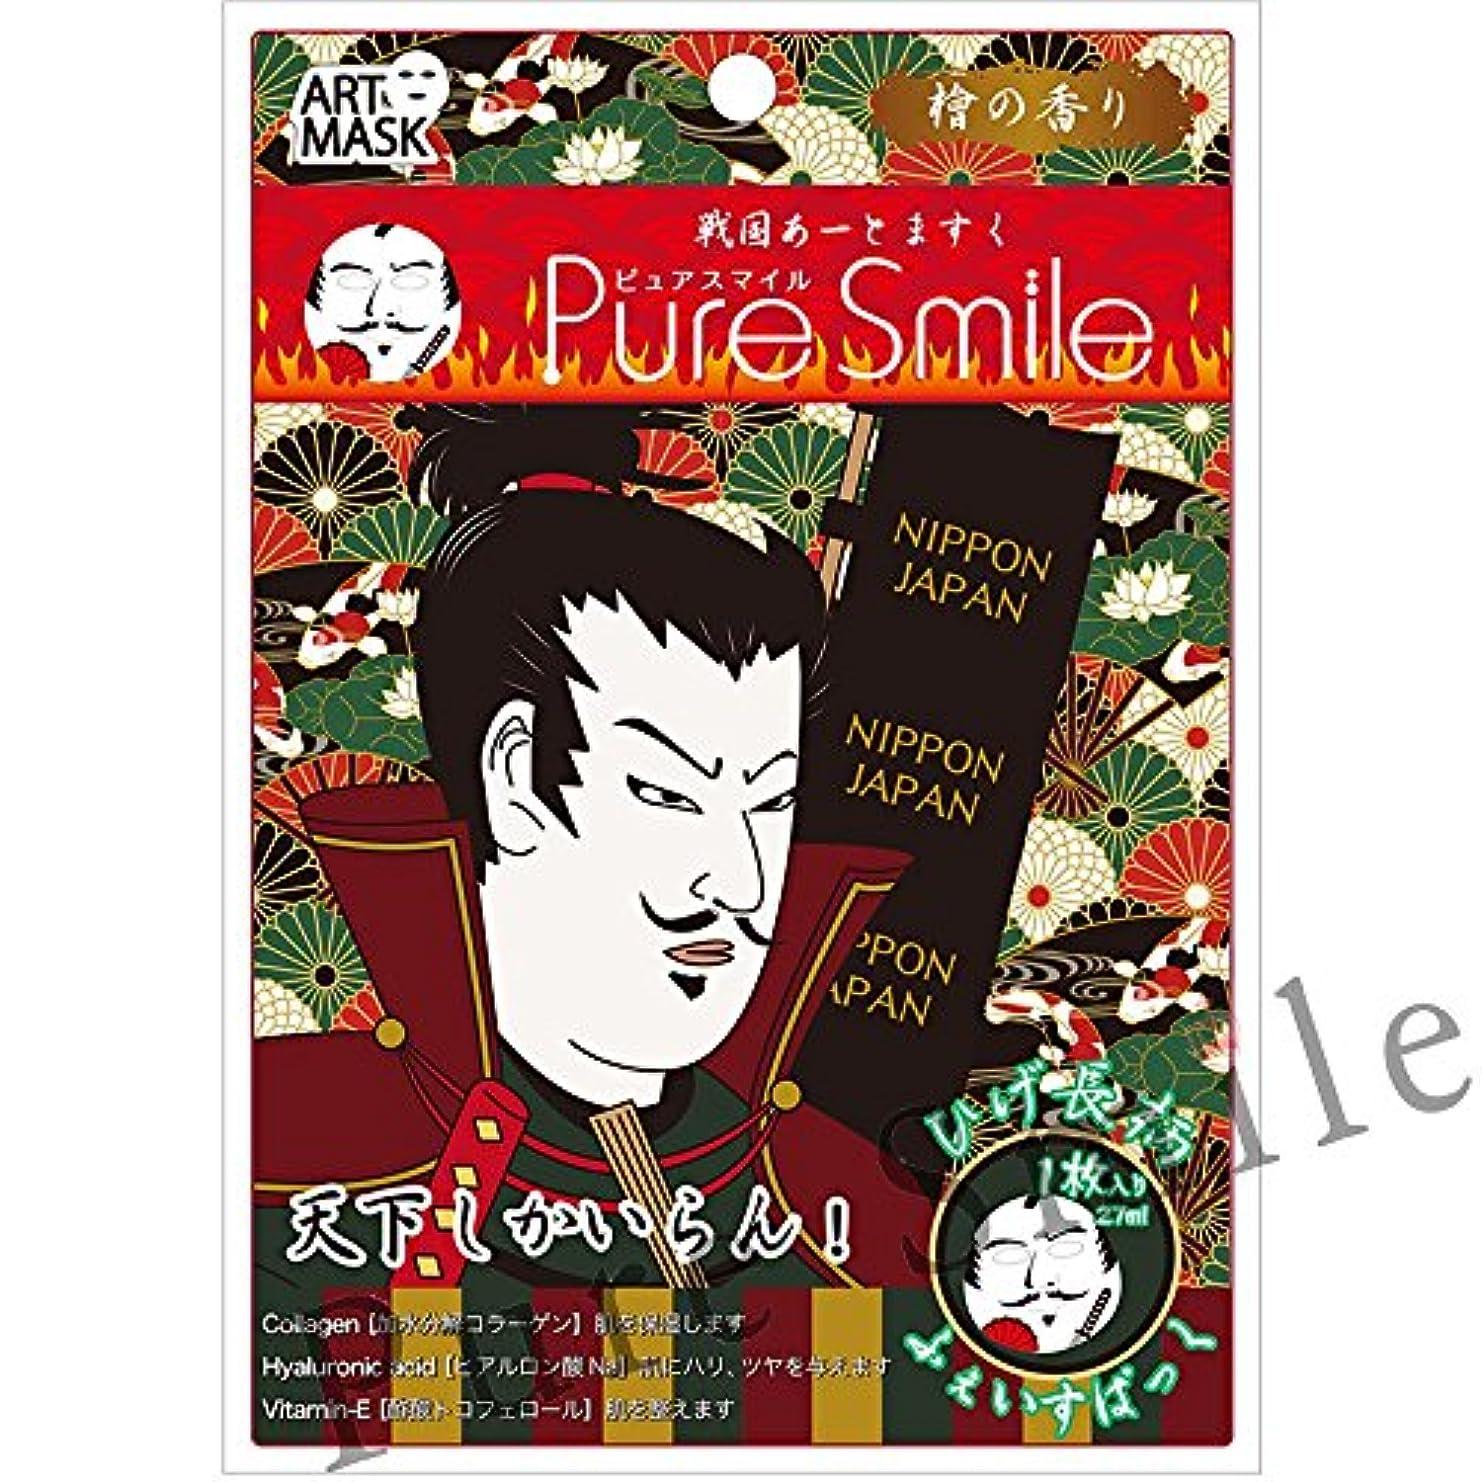 典型的な反抗ヘアPure Smile(ピュアスマイル) フェイスマスク/アートマスク『戦国アートマスク』(ひげ長/檜の香り)